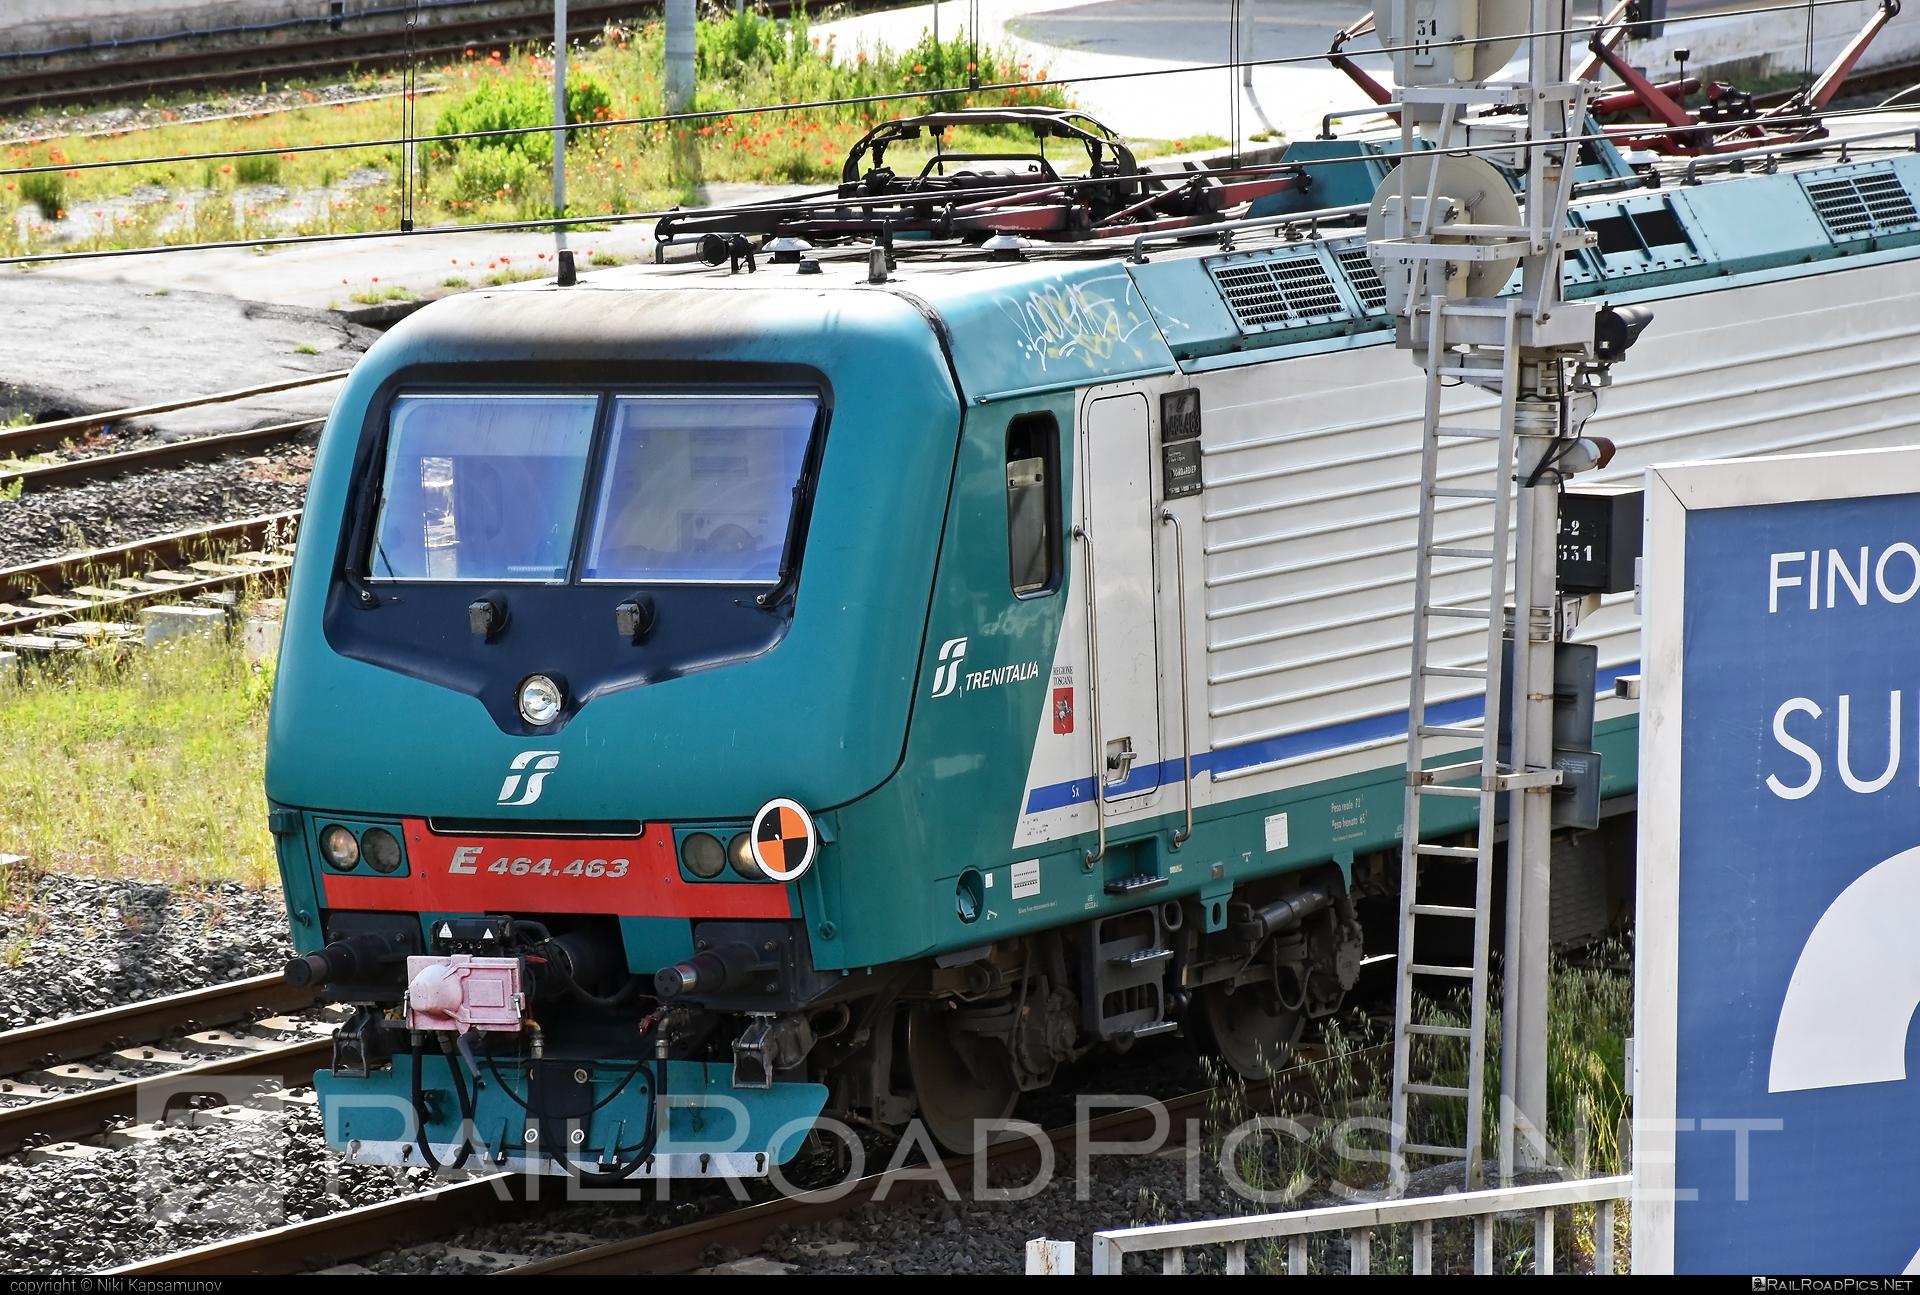 Bombardier TRAXX P160 DCP - E 464.463 operated by Trenitalia S.p.A. #bombardier #bombardiertraxx #ferroviedellostato #fs #fsitaliane #traxx #traxxp160 #traxxp160dcp #trenitalia #trenitaliaspa